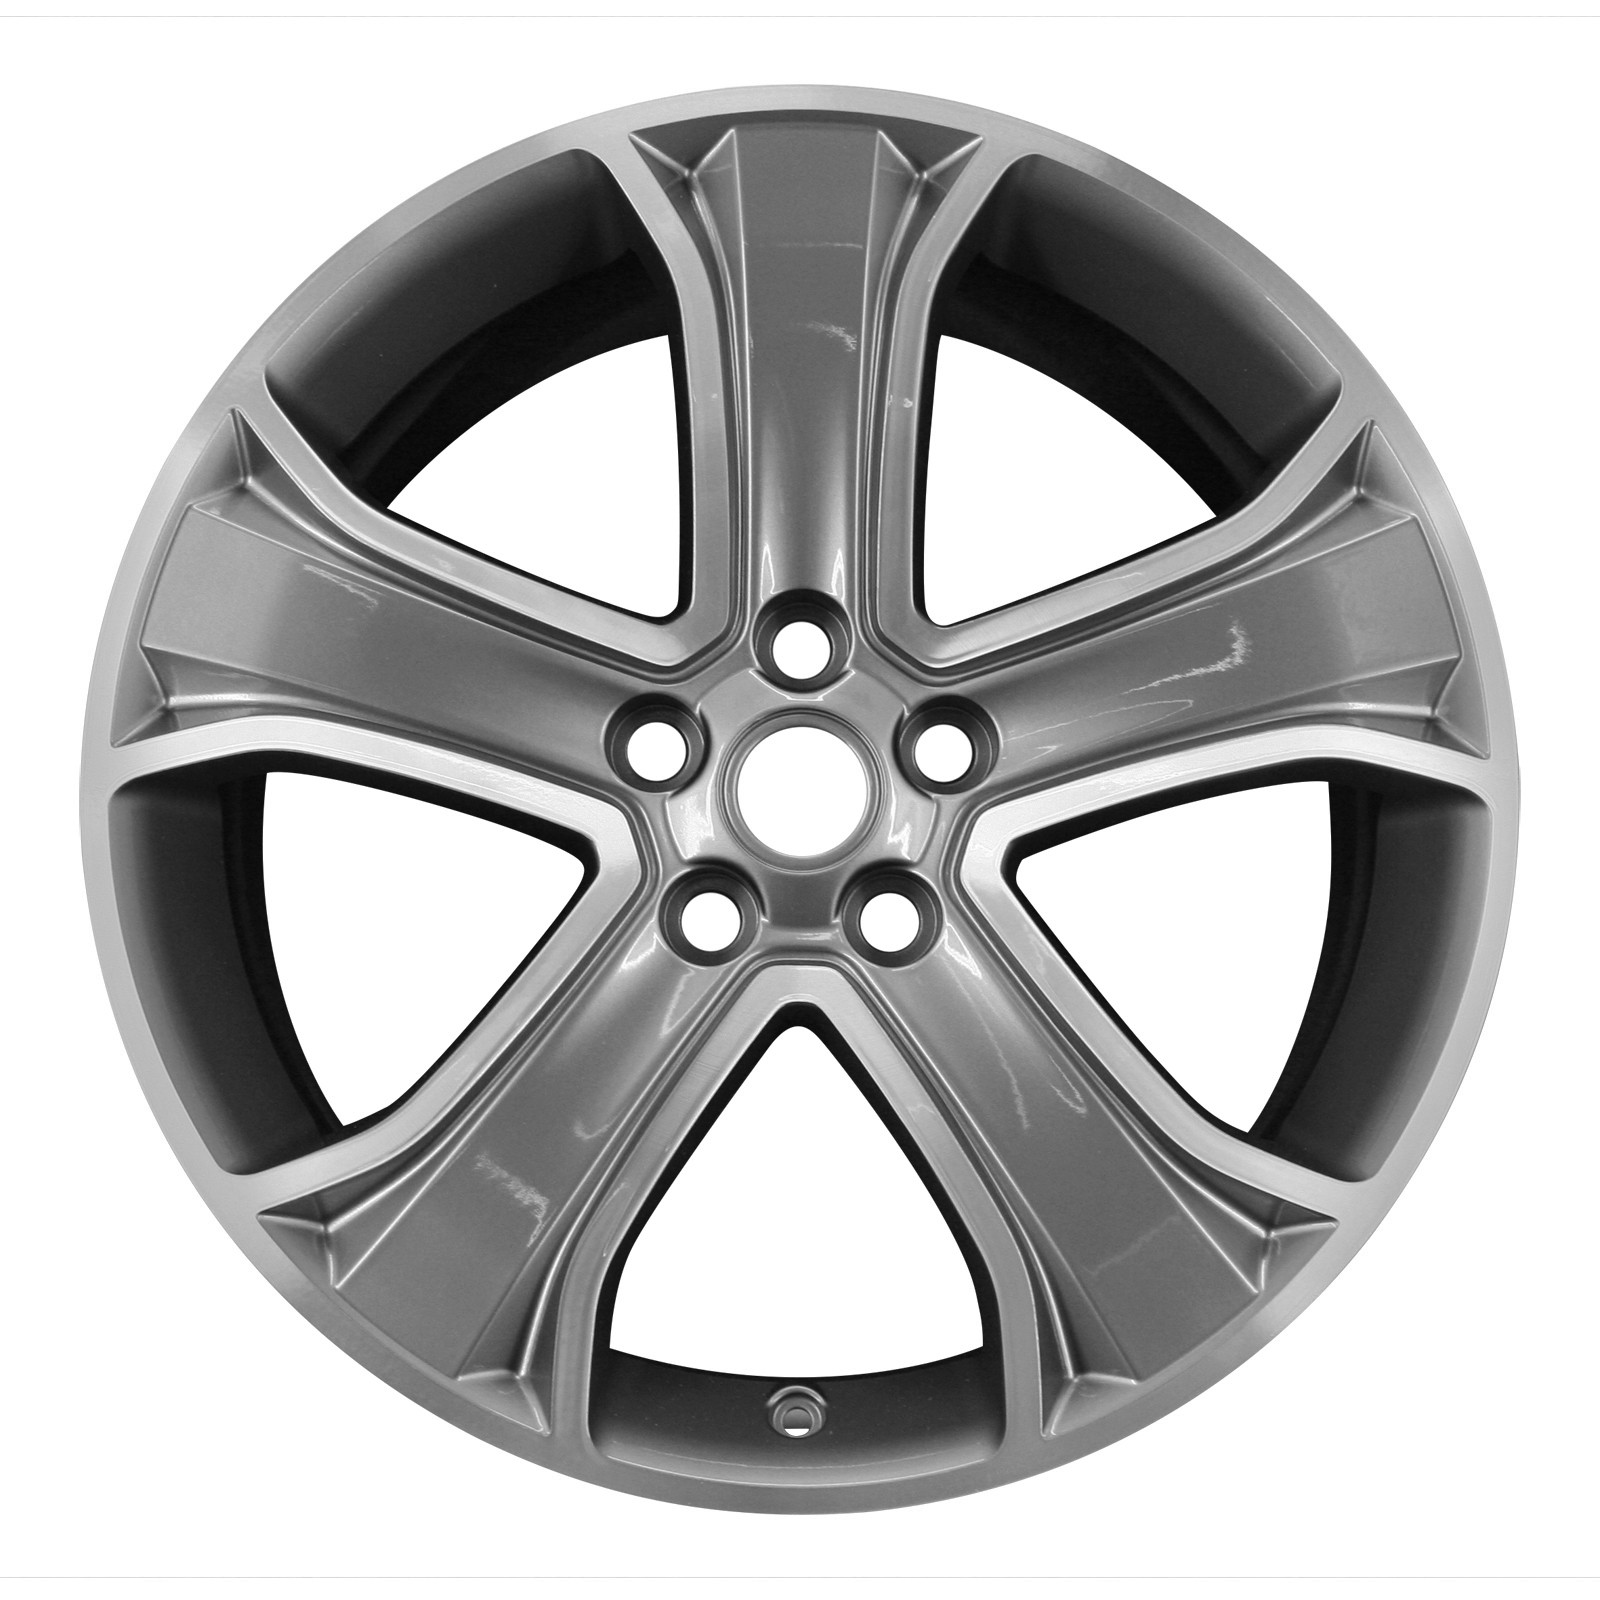 Колесный диск R20 Style 7 Diamond Turned для Range Rover Sport 2010-2014